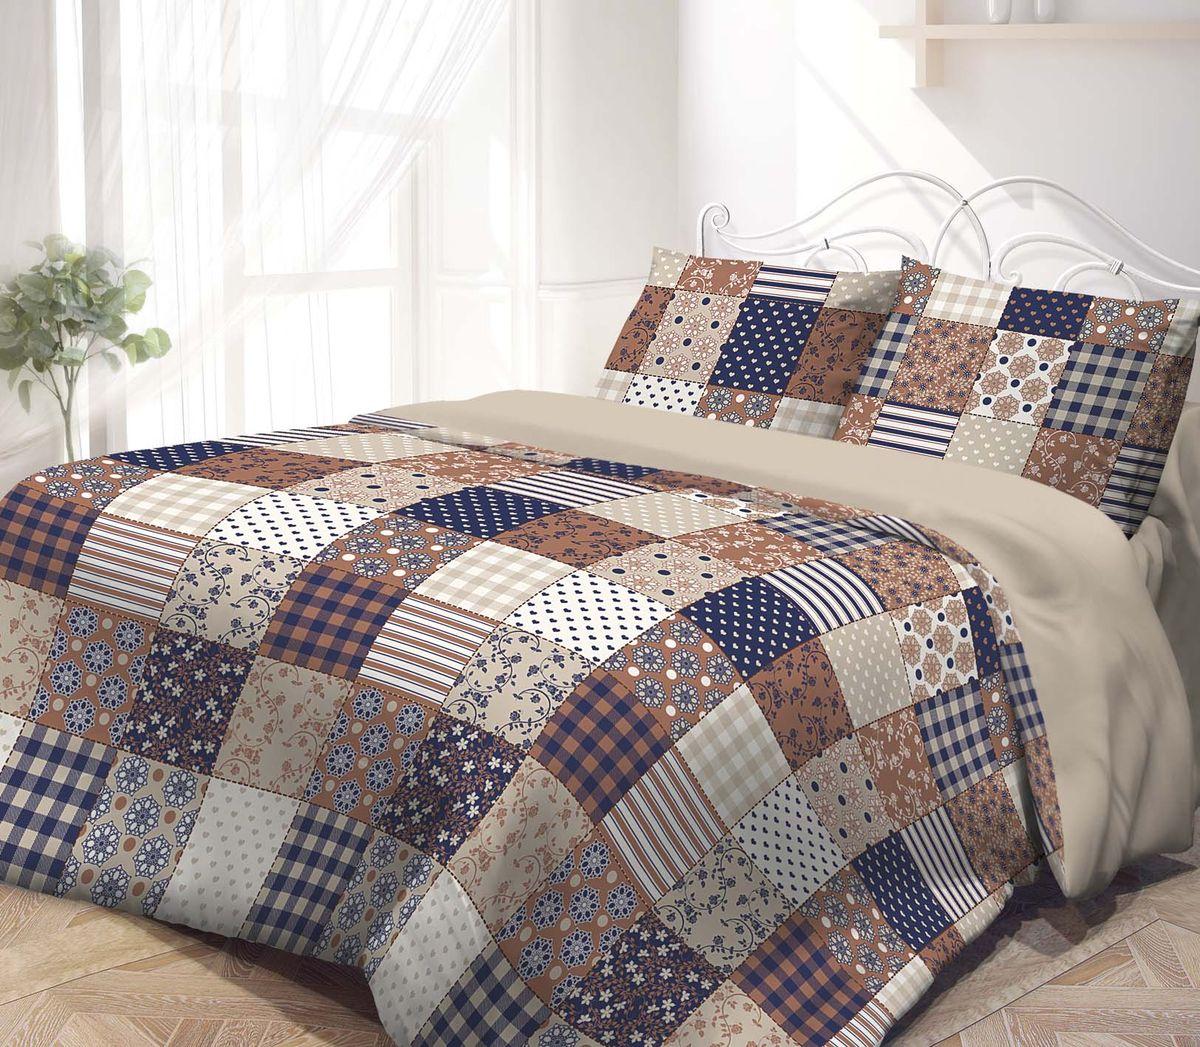 Комплект белья Гармония, евро, наволочки 50х70, цвет: синий, коричневыйВетерок-2 У_6 поддоновКомплект постельного белья Гармония является экологически безопасным, так как выполнен из поплина (100% хлопка). Комплект состоит из пододеяльника, простыни и двух наволочек. Постельное белье оформлено орнаментом в клеткуи имеет изысканный внешний вид. Постельное белье Гармония - лучший выбор для современной хозяйки! Его отличают демократичная цена и отличное качество. Поплин мягкий и приятный на ощупь. Кроме того, эта ткань не требует особого ухода, легко стирается и прекрасно держит форму. Высококачественные красители, которые используются при производстве постельного белья, сохраняют свой цвет даже после многочисленных стирок.